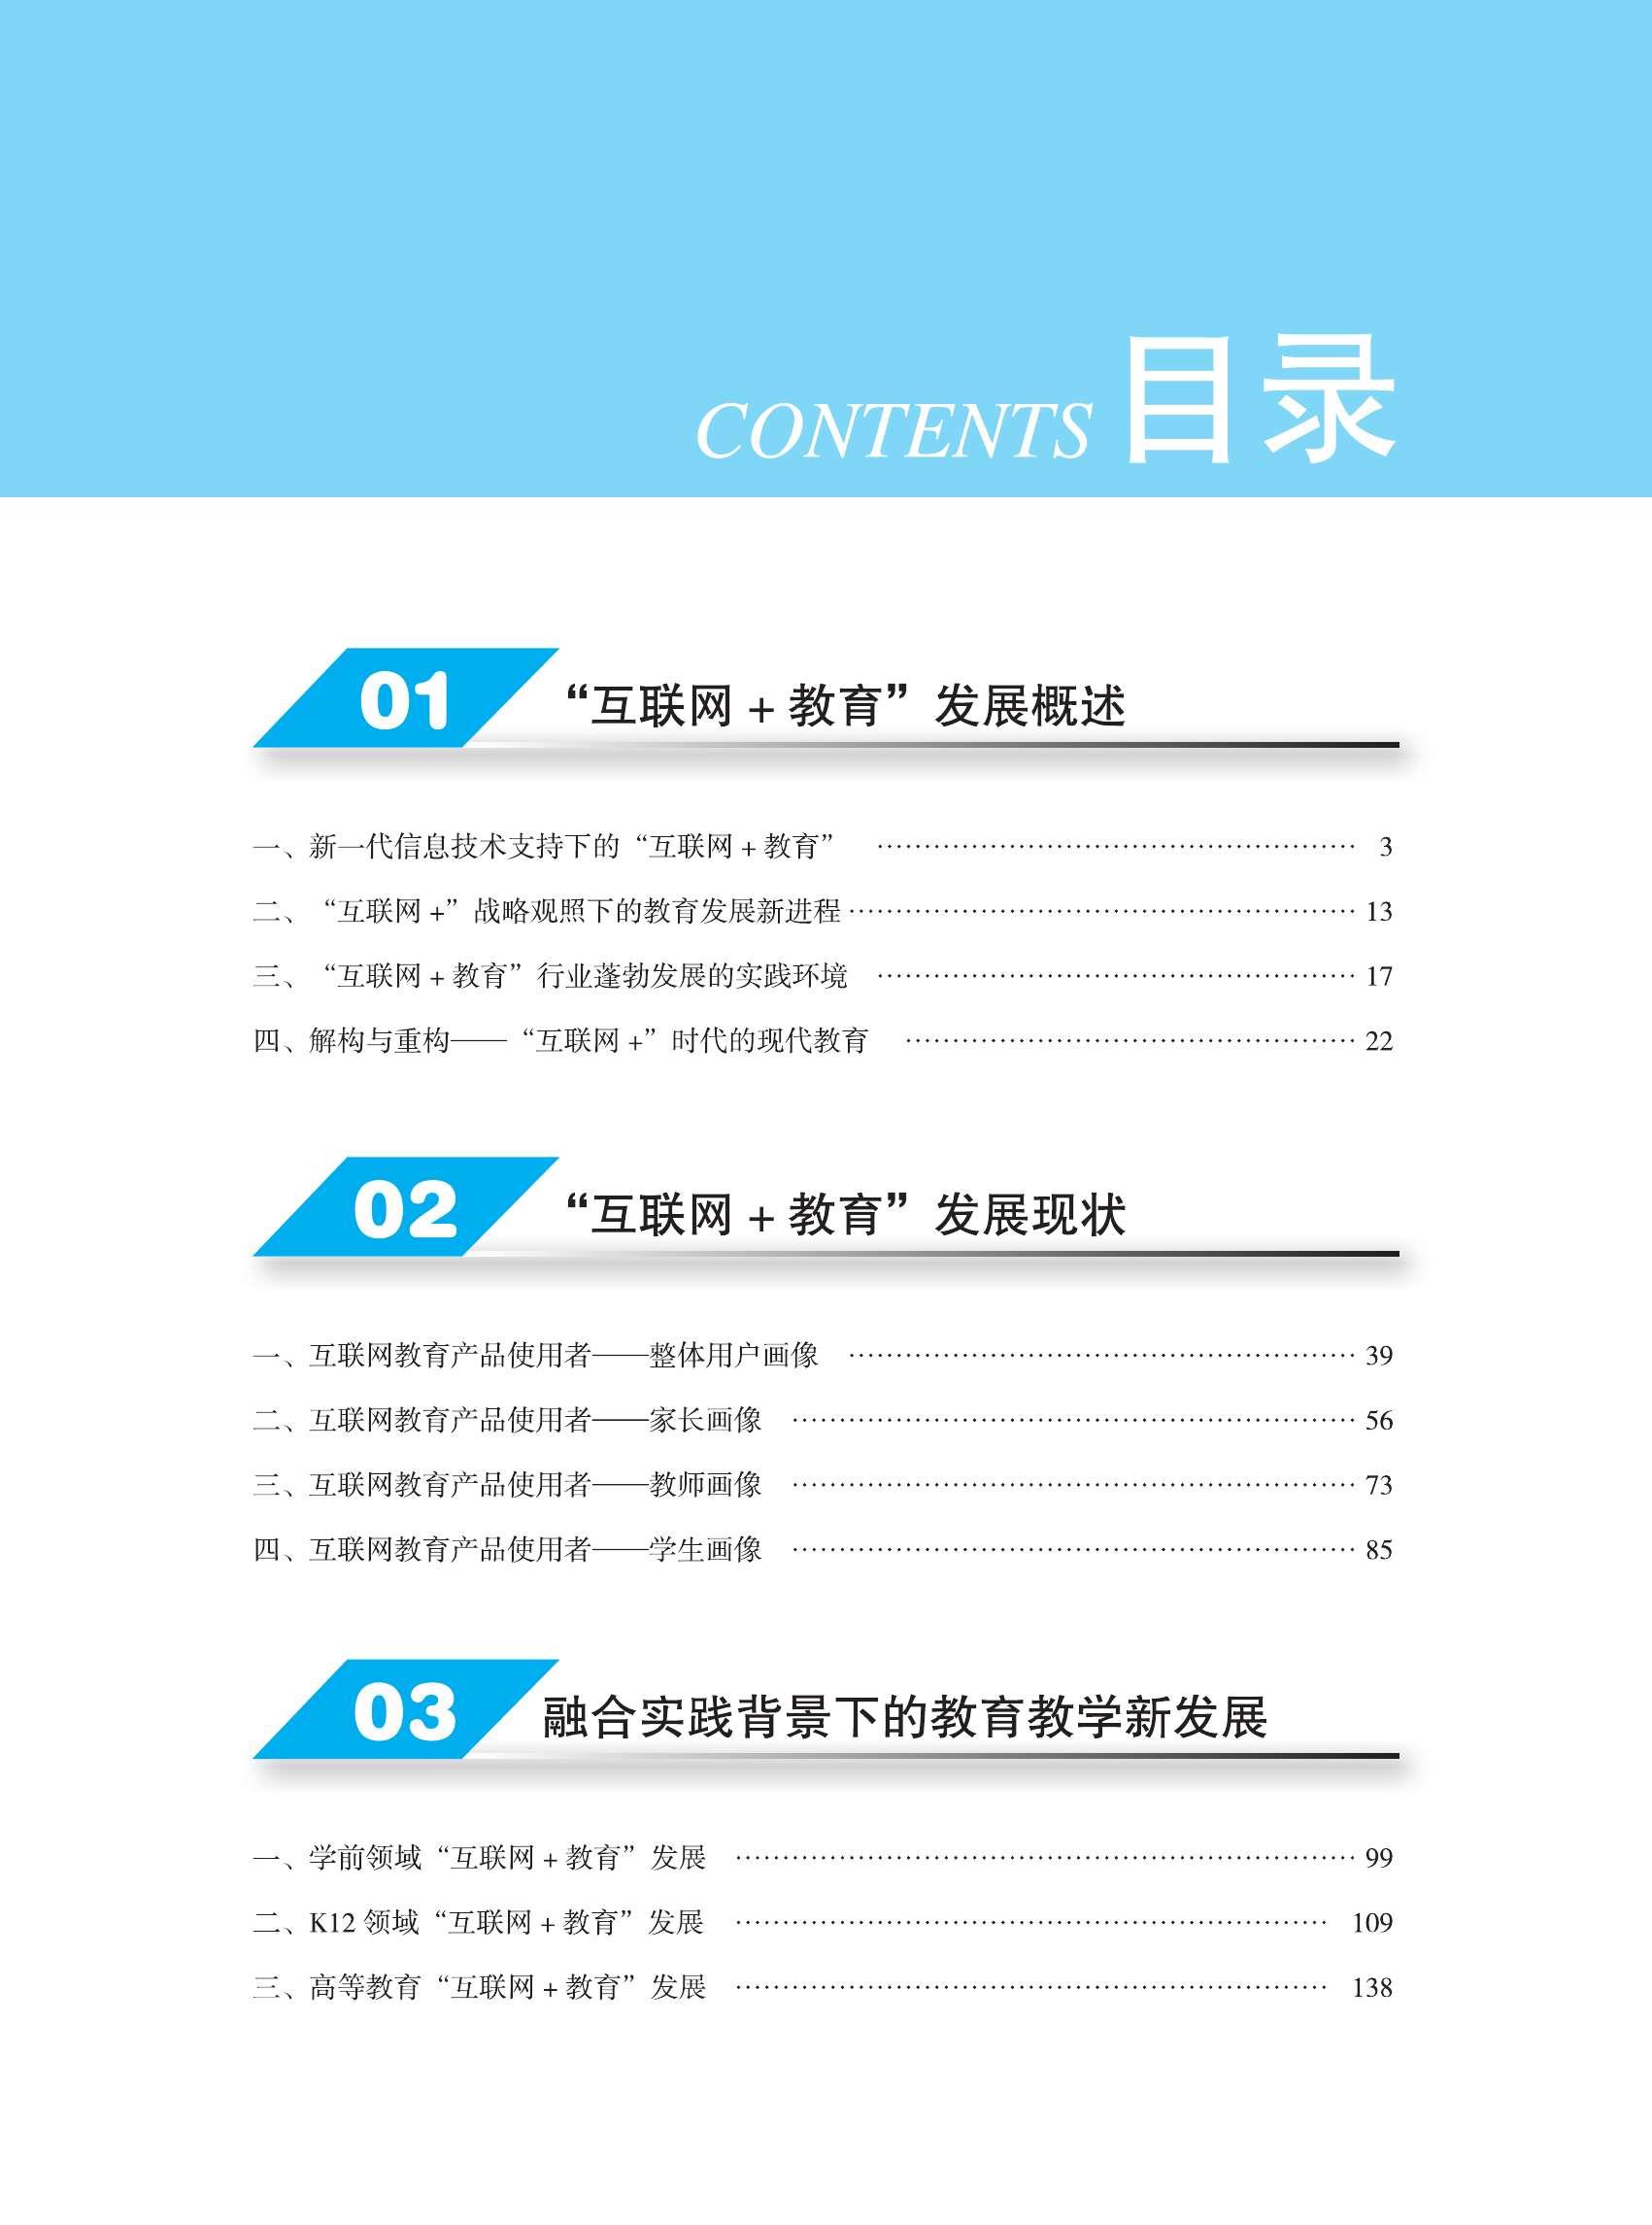 2015年中国互联网学习白皮书_000010